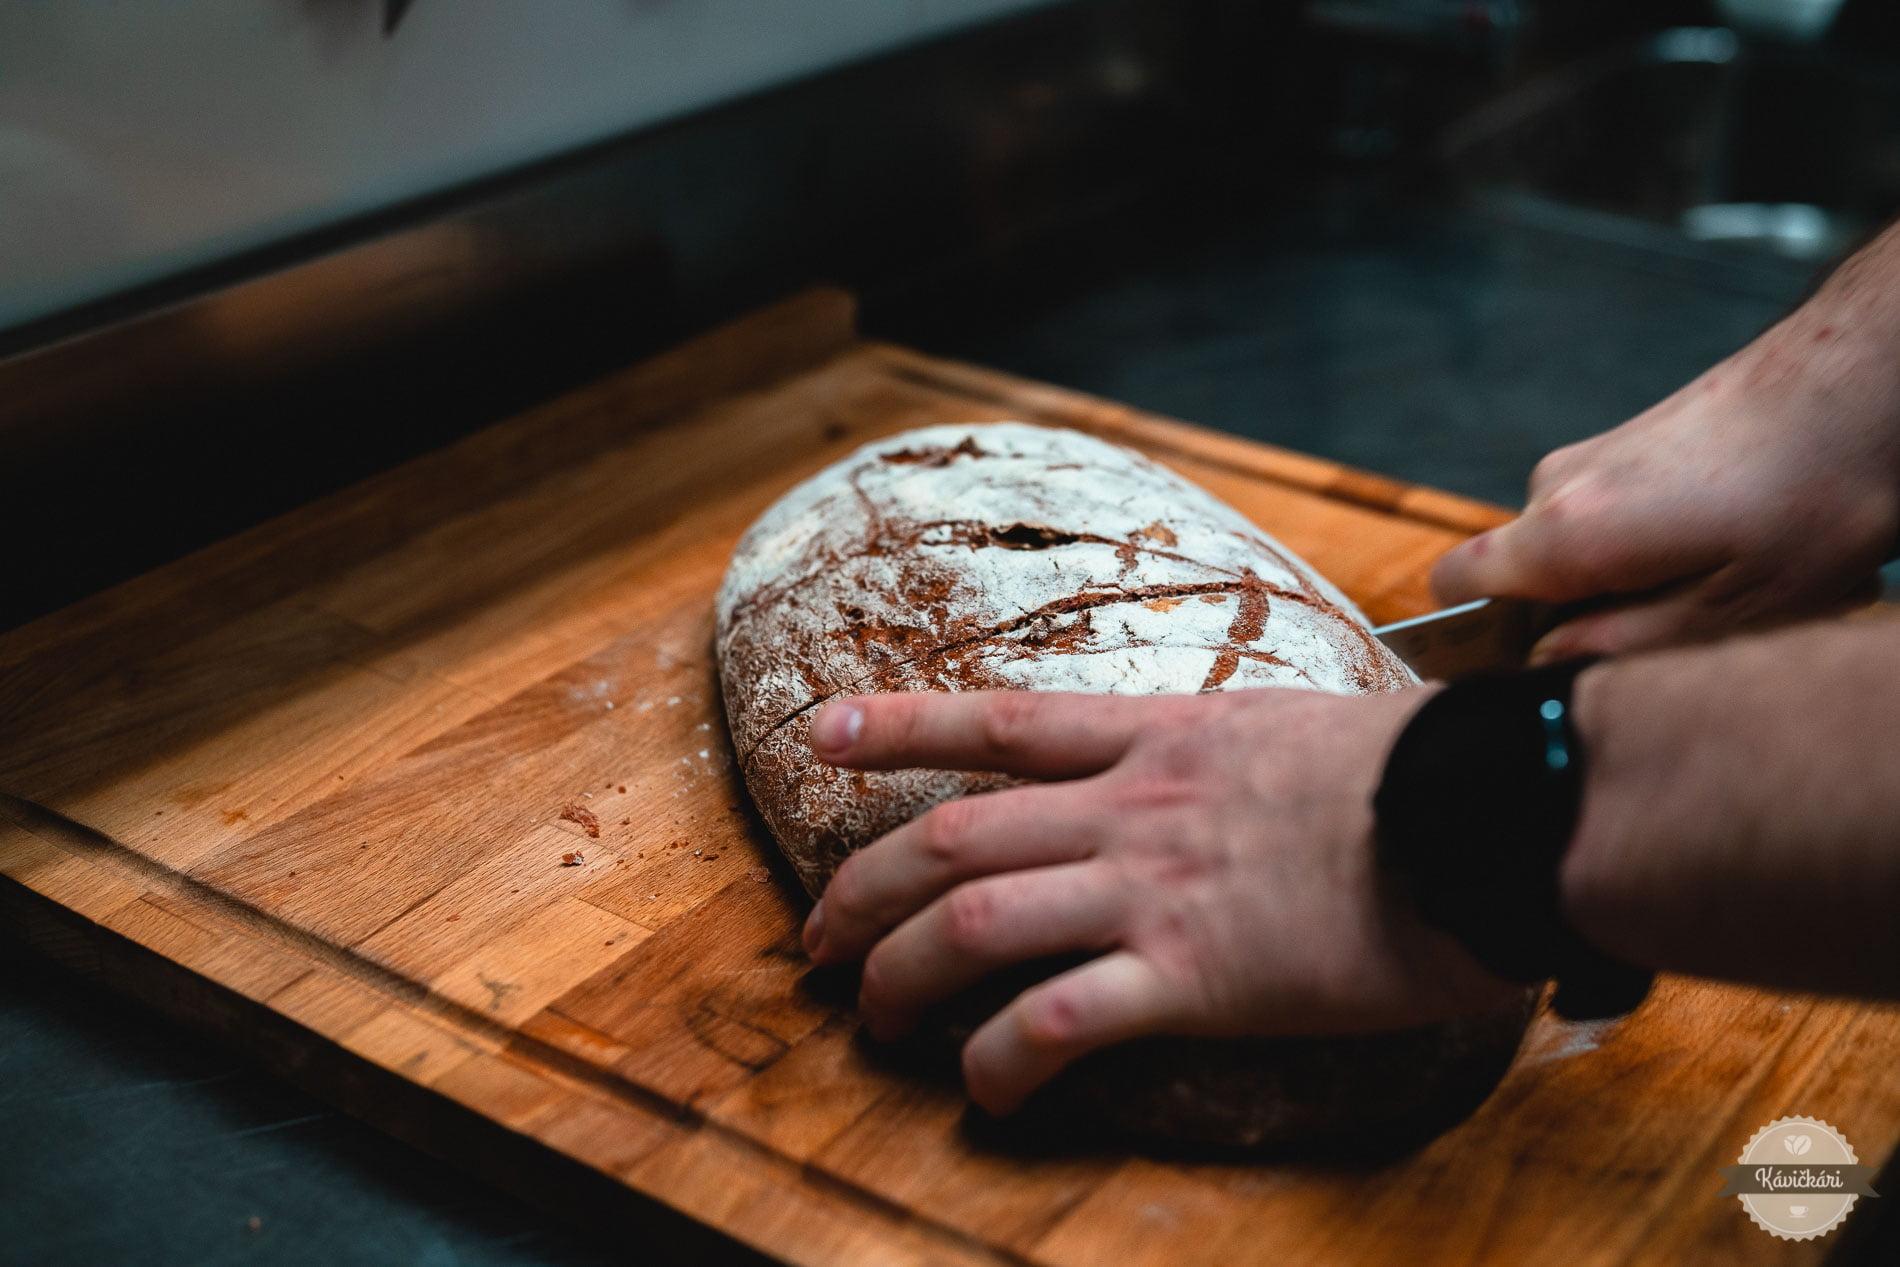 krone-svaty-jur-kavickari-chlieb